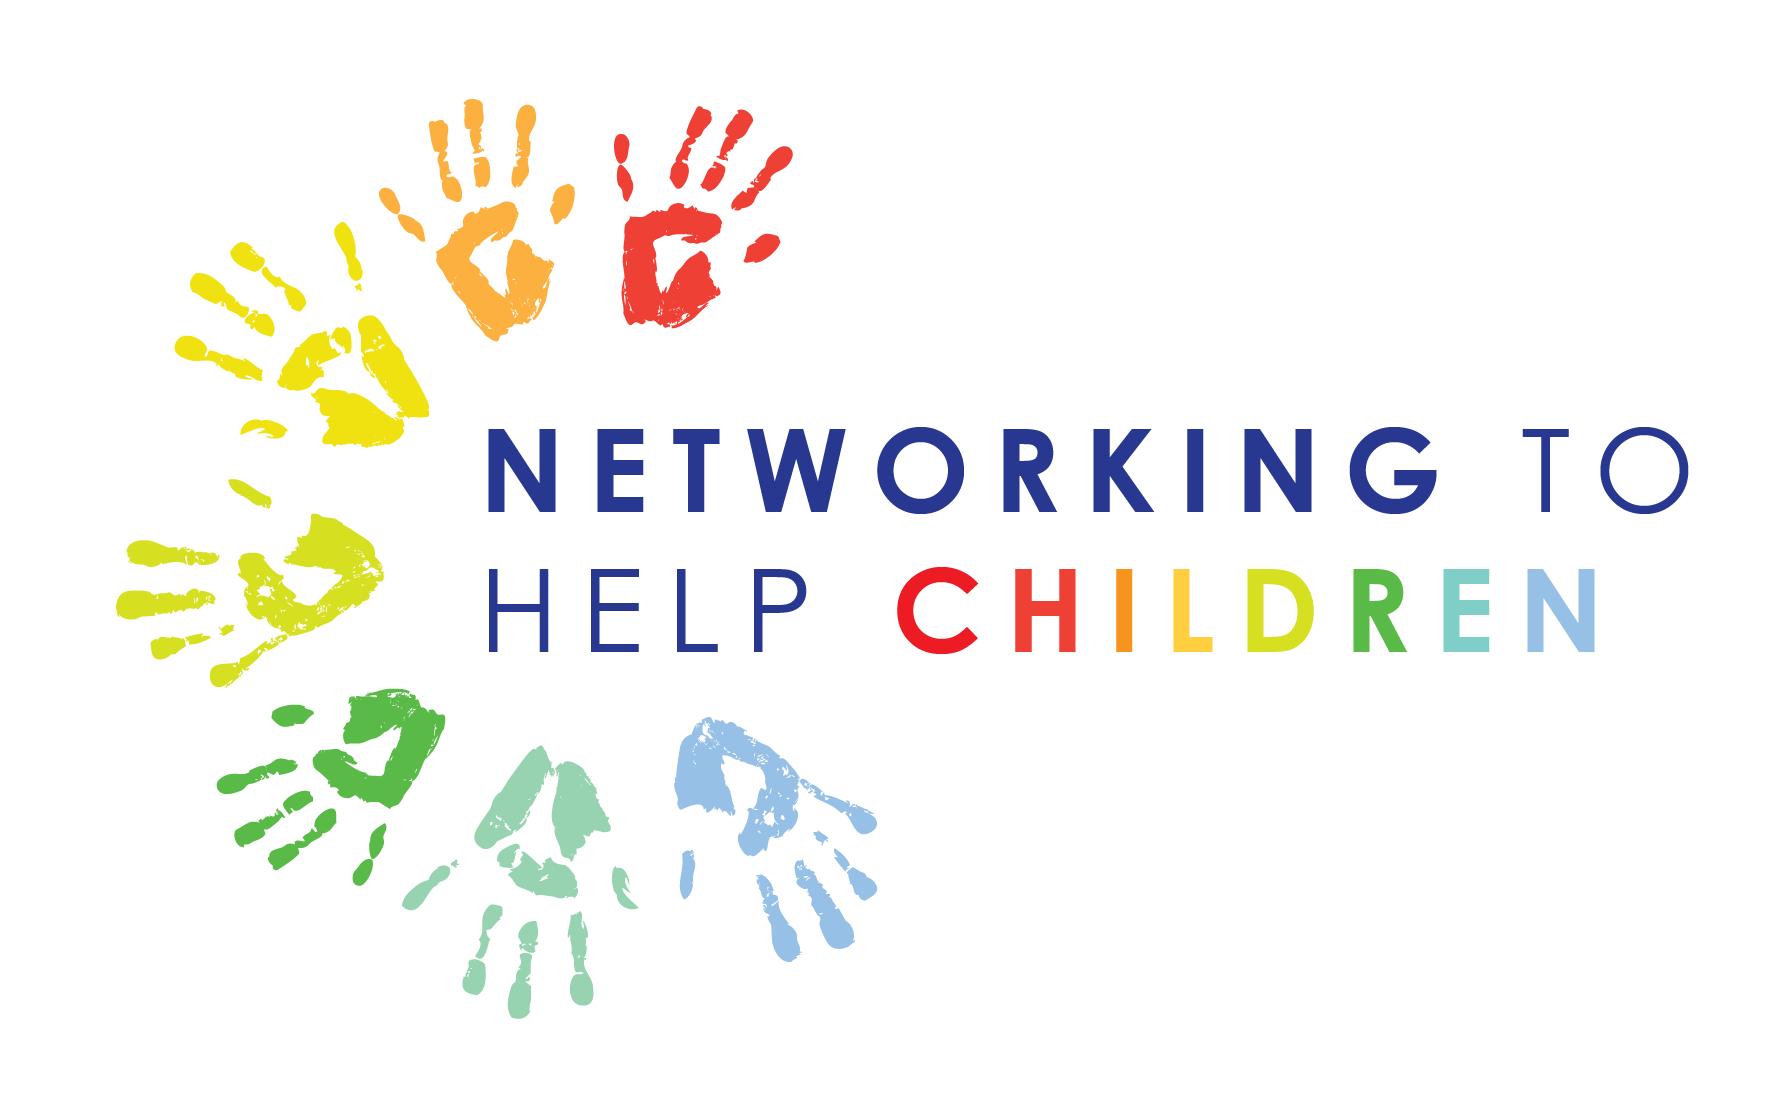 Networking to help children